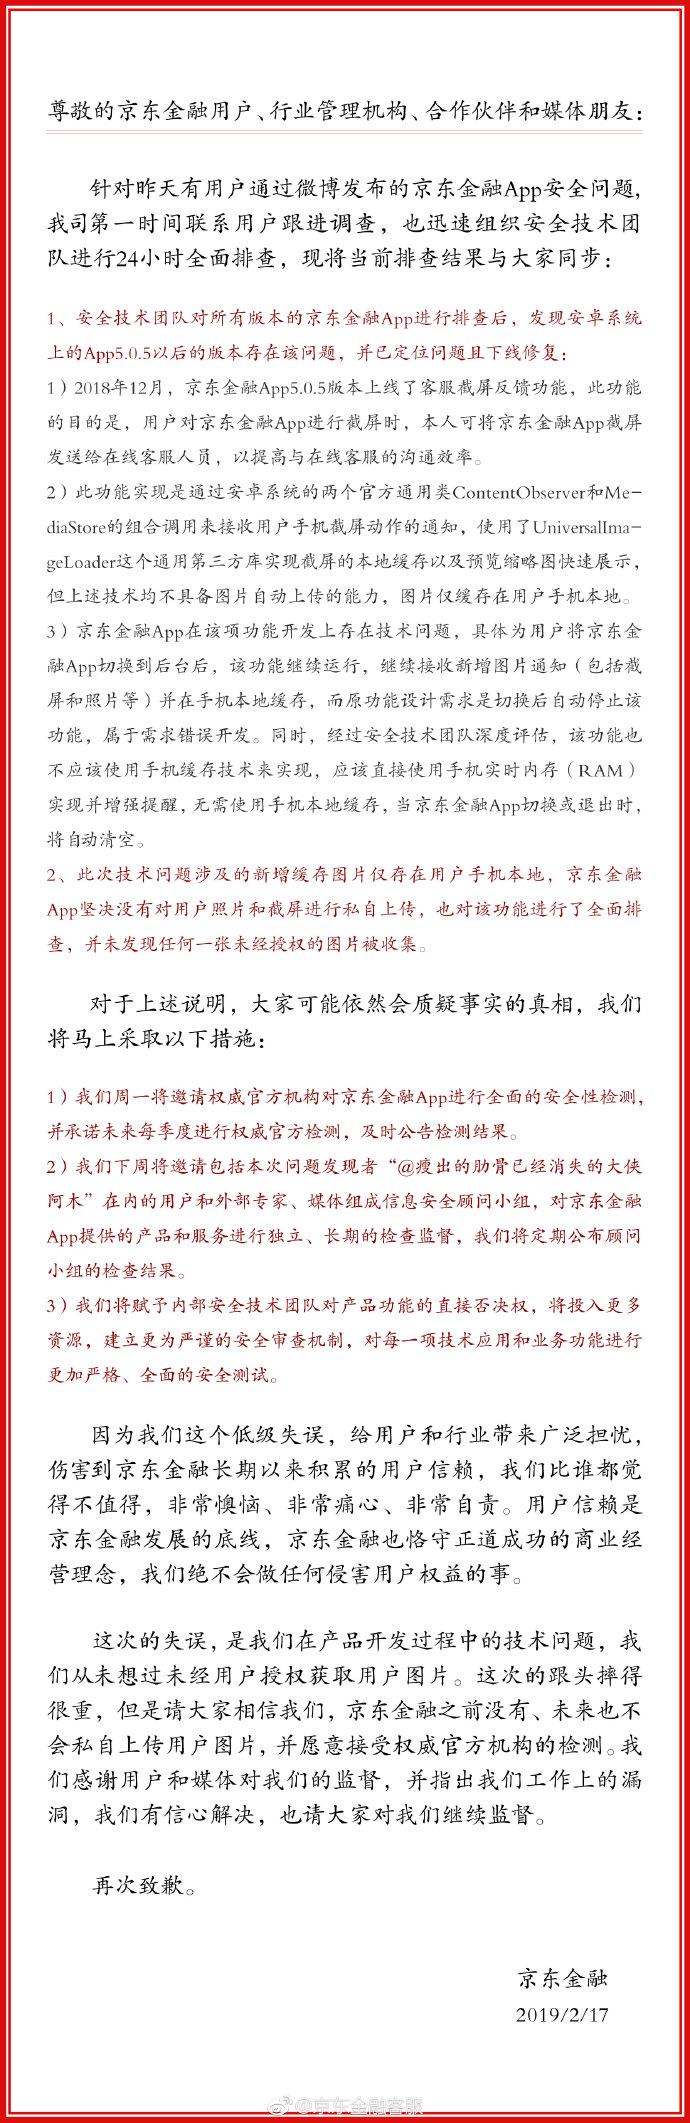 京东金融继续发致歉声明并表示是技术开发错误导致问题